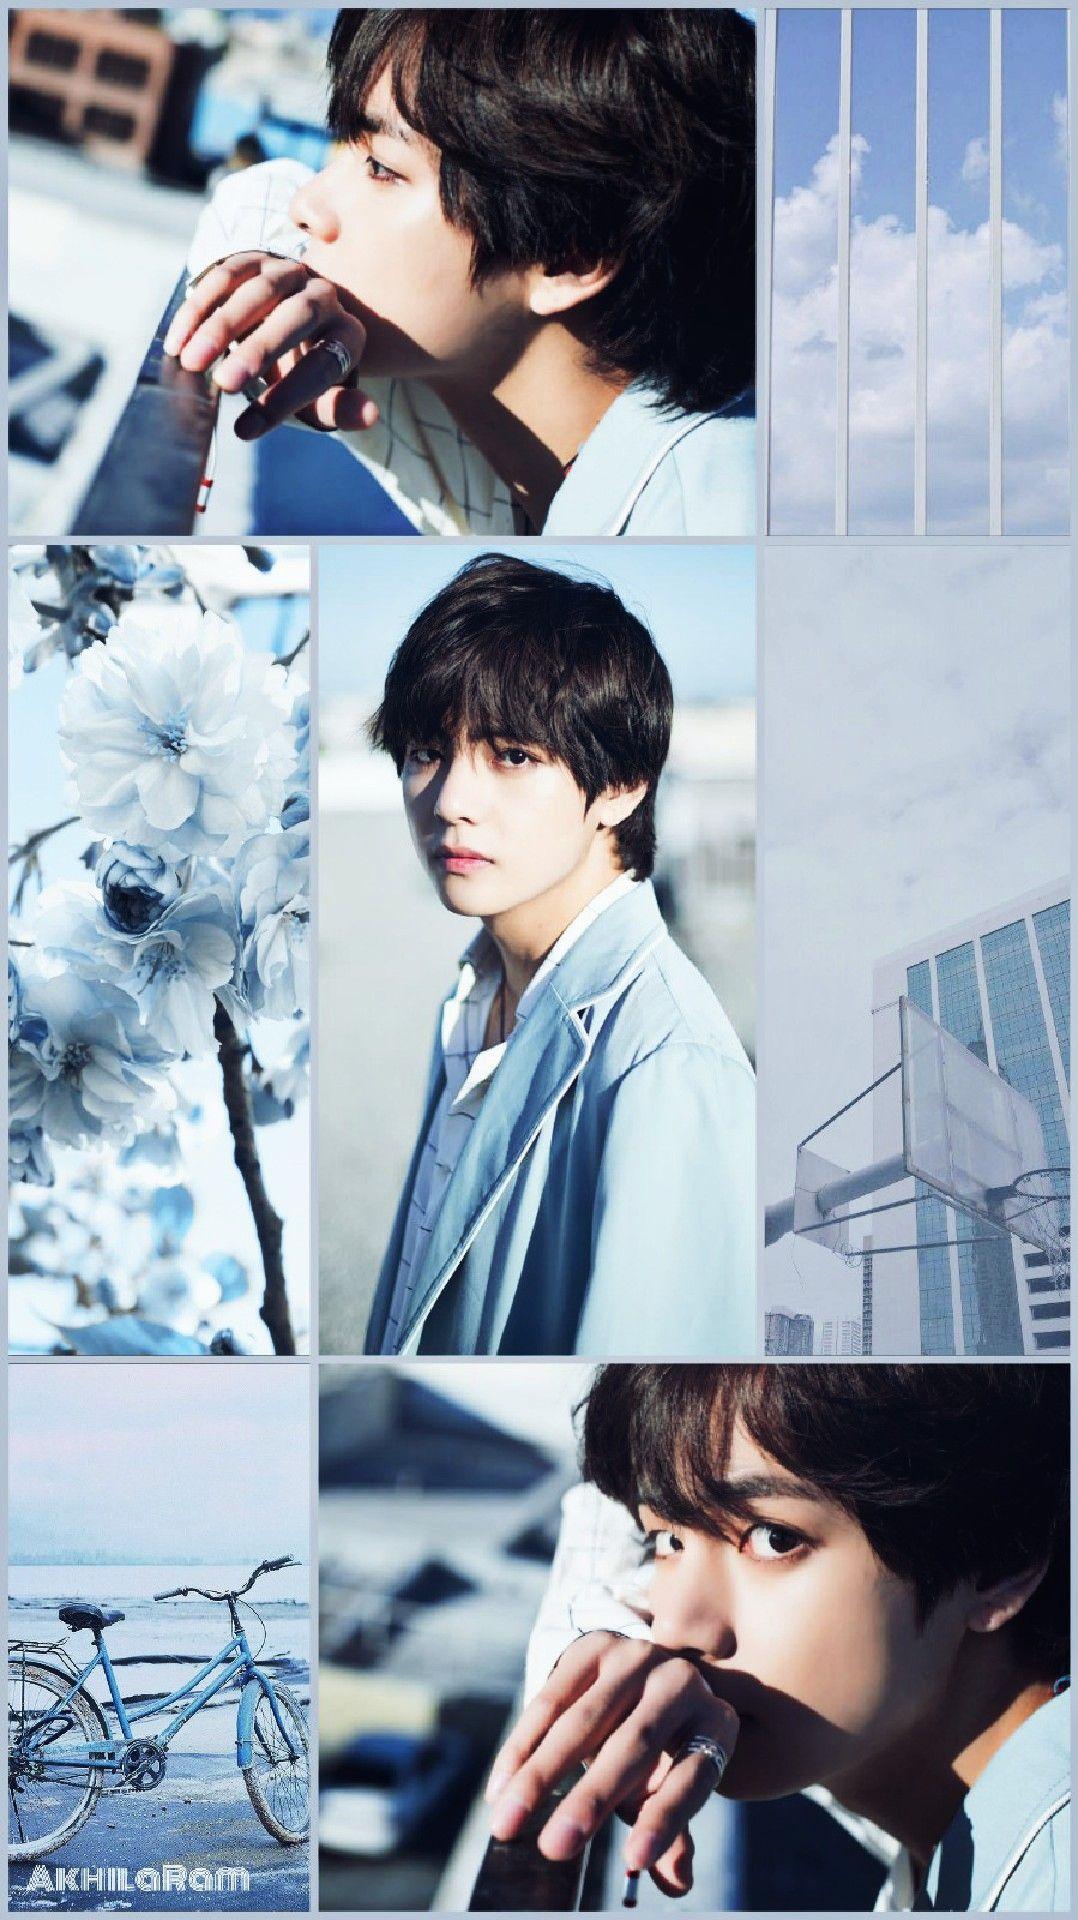 BTS Aesthetic Kim Taehyung V Wallpaper aoe DO NOT EDIT in